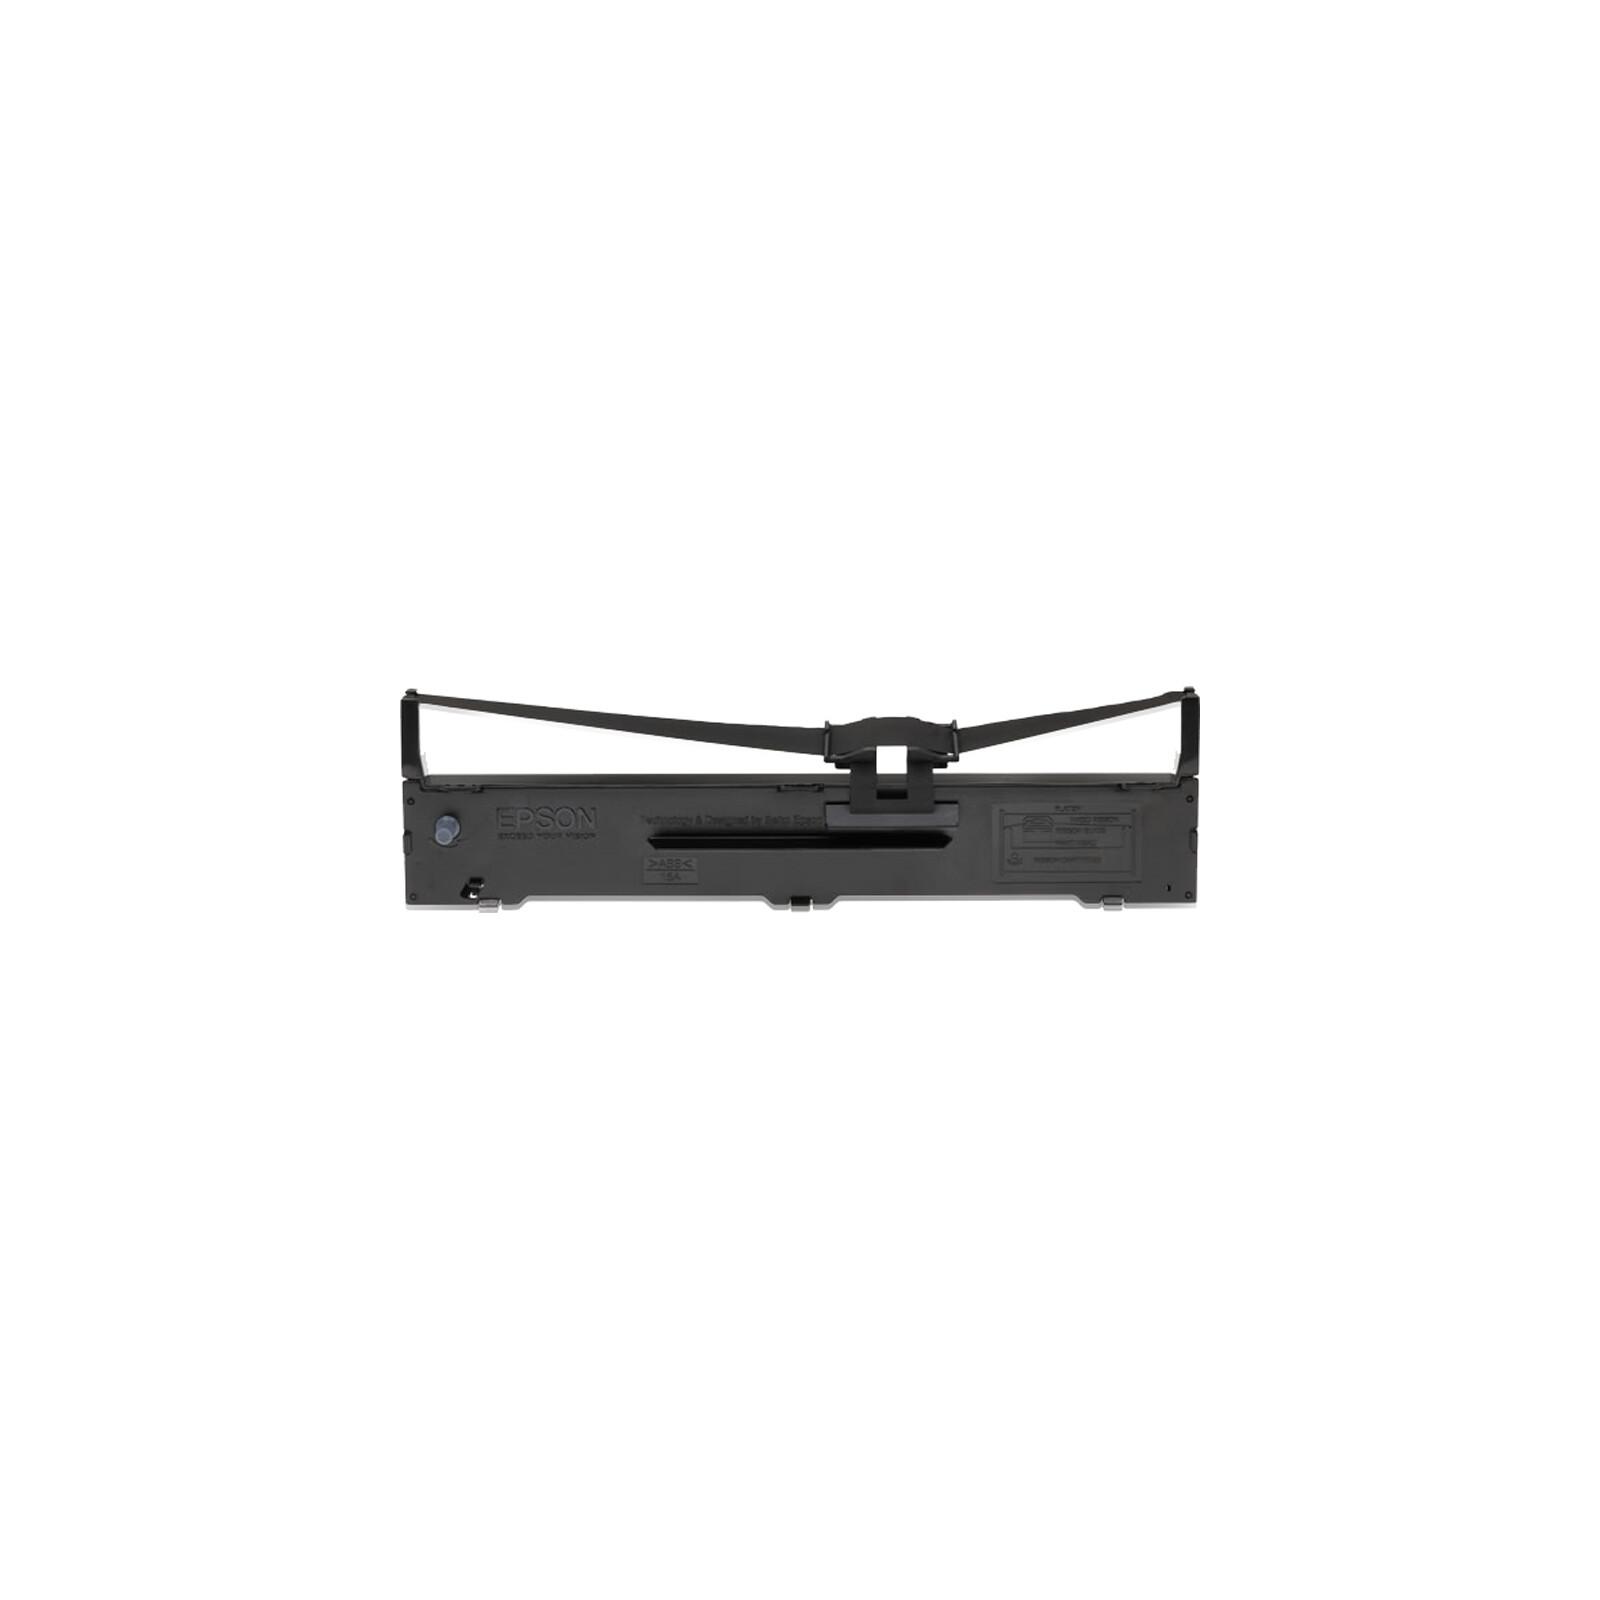 Epson S015337 LQ 590 Nylon Black